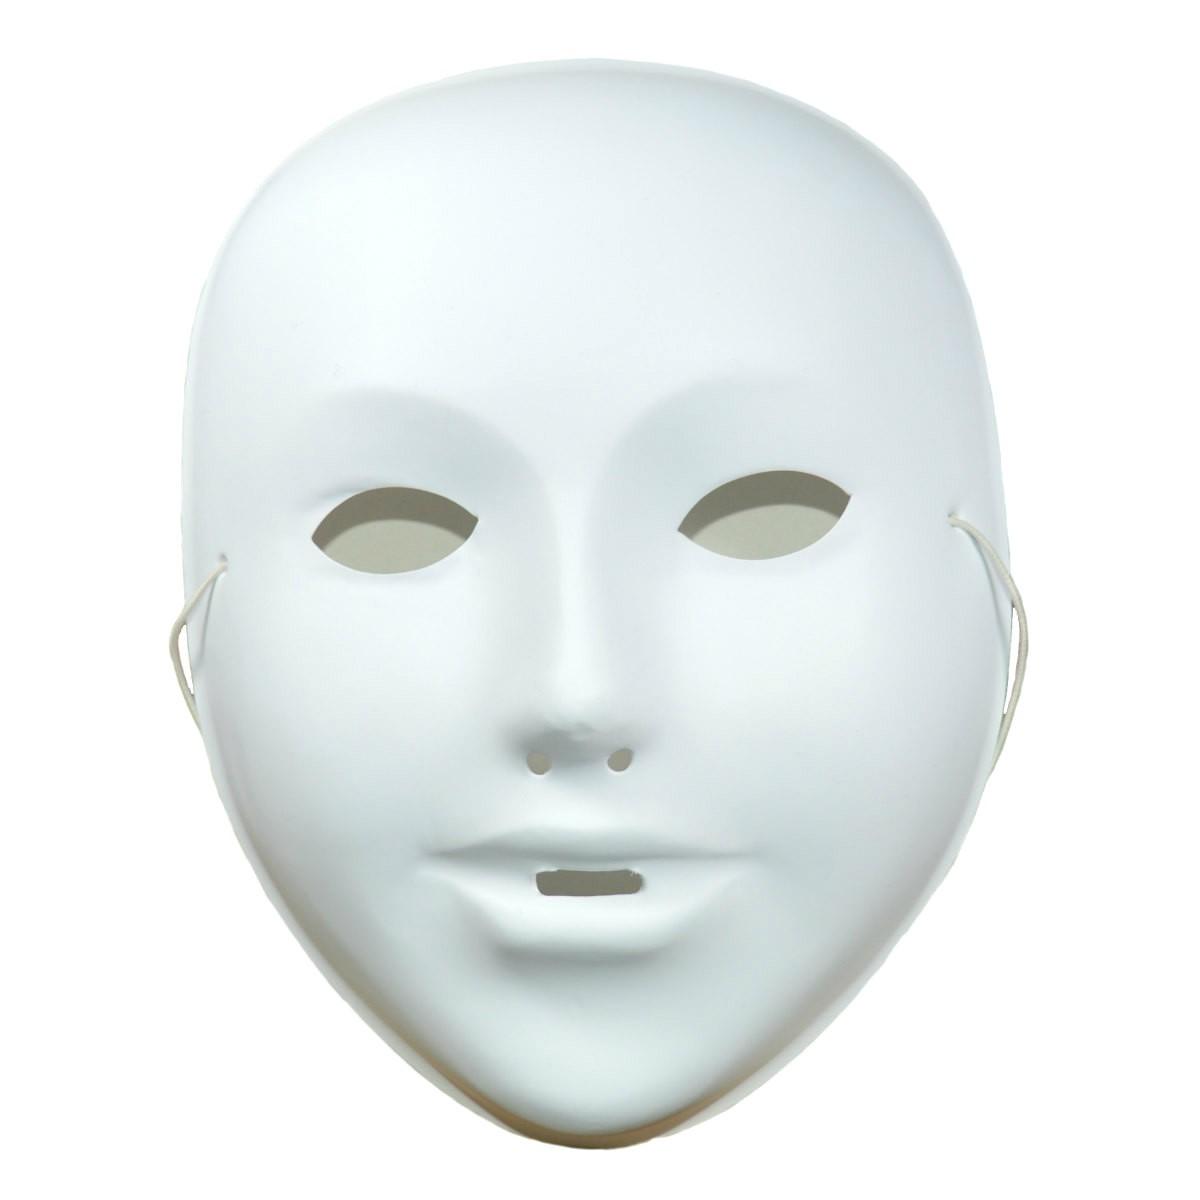 Kindermaske zum Bemalen Kunststoff weiß für Fasnacht, Karneval, H 18cm